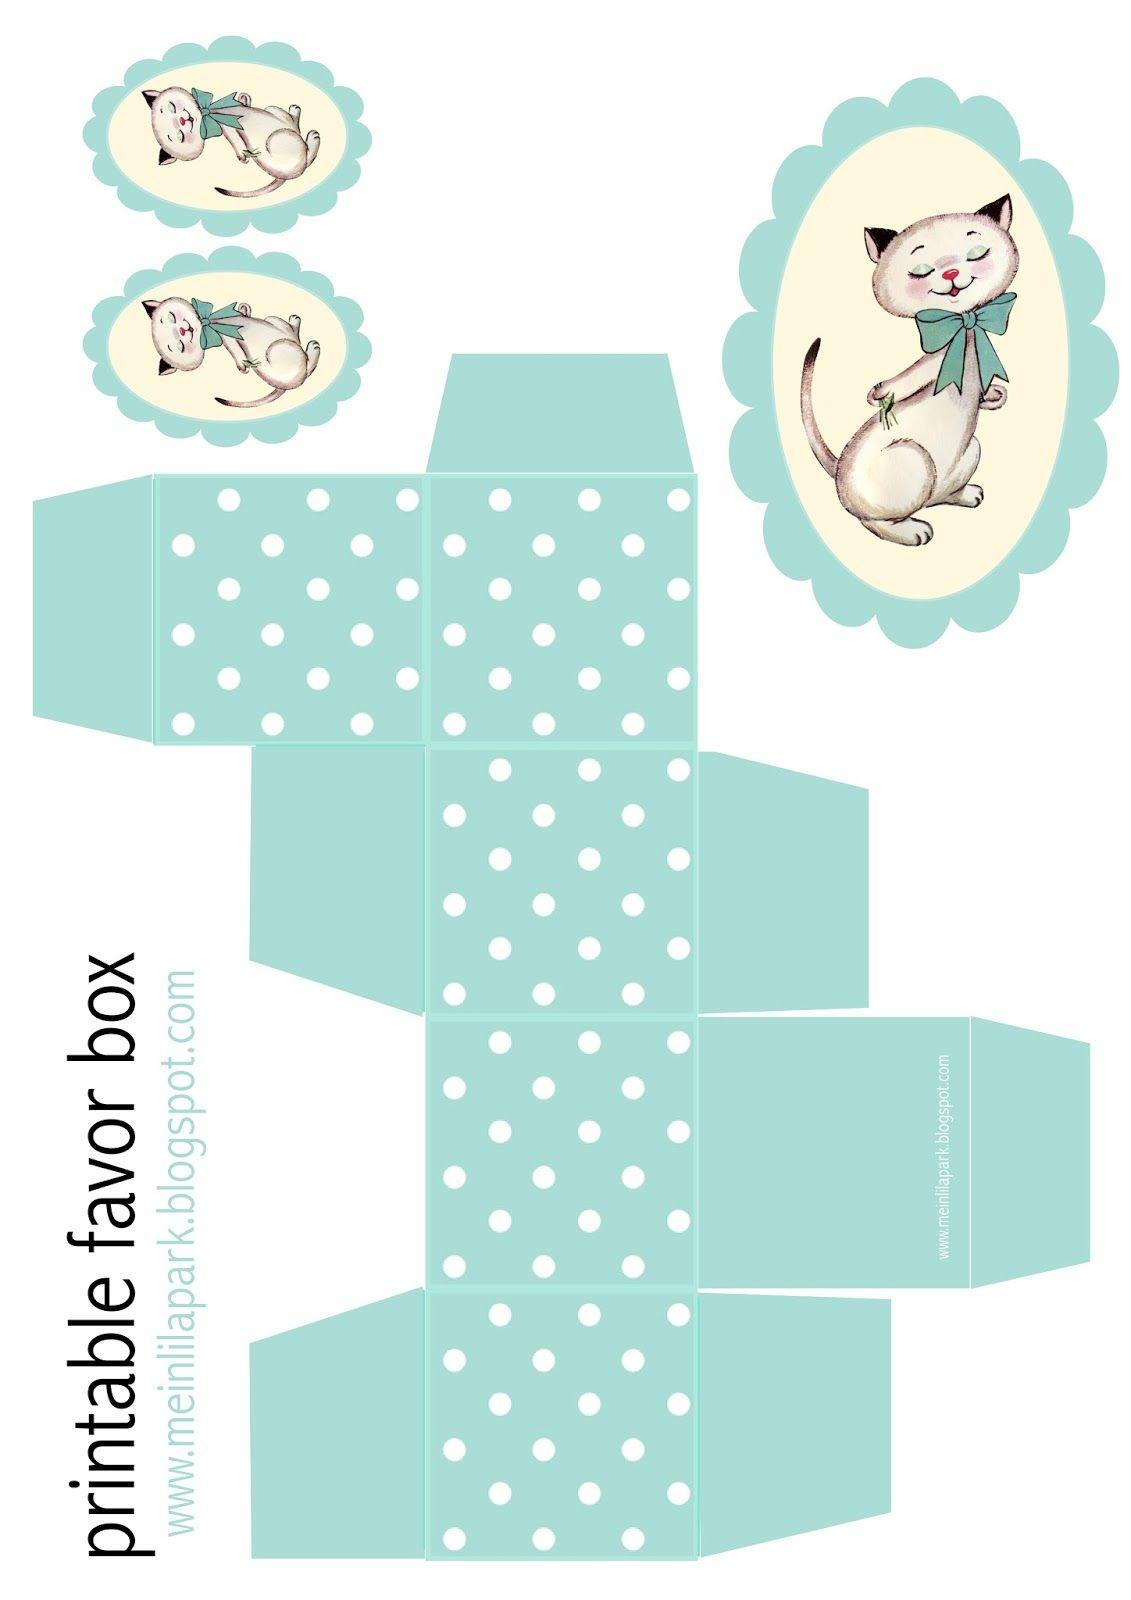 Kostenlos ausdruckbare Polkapunktkasten und Kitty tag - ausdruckbare Geschenkbox - Freebie | MeinLilaPark - DIY printables und Downloads